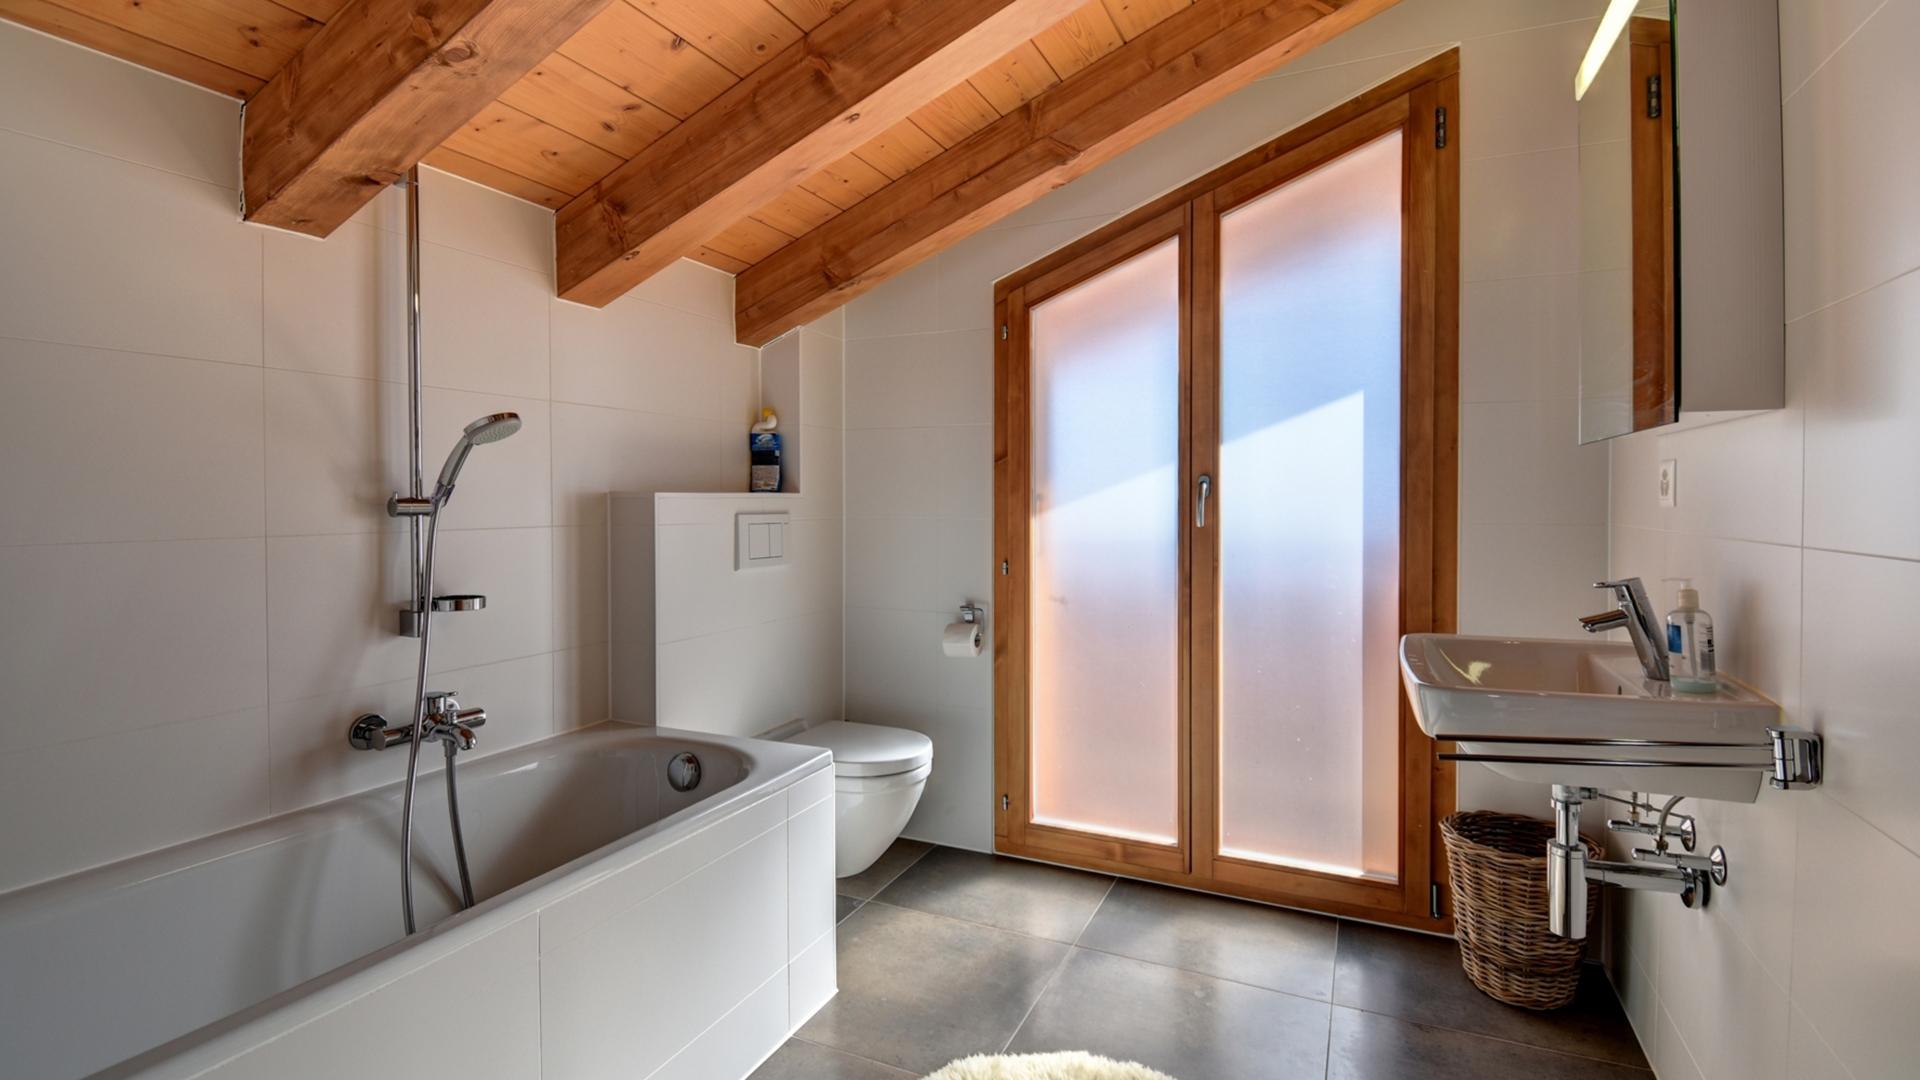 Chalet Dix Chalet, Switzerland